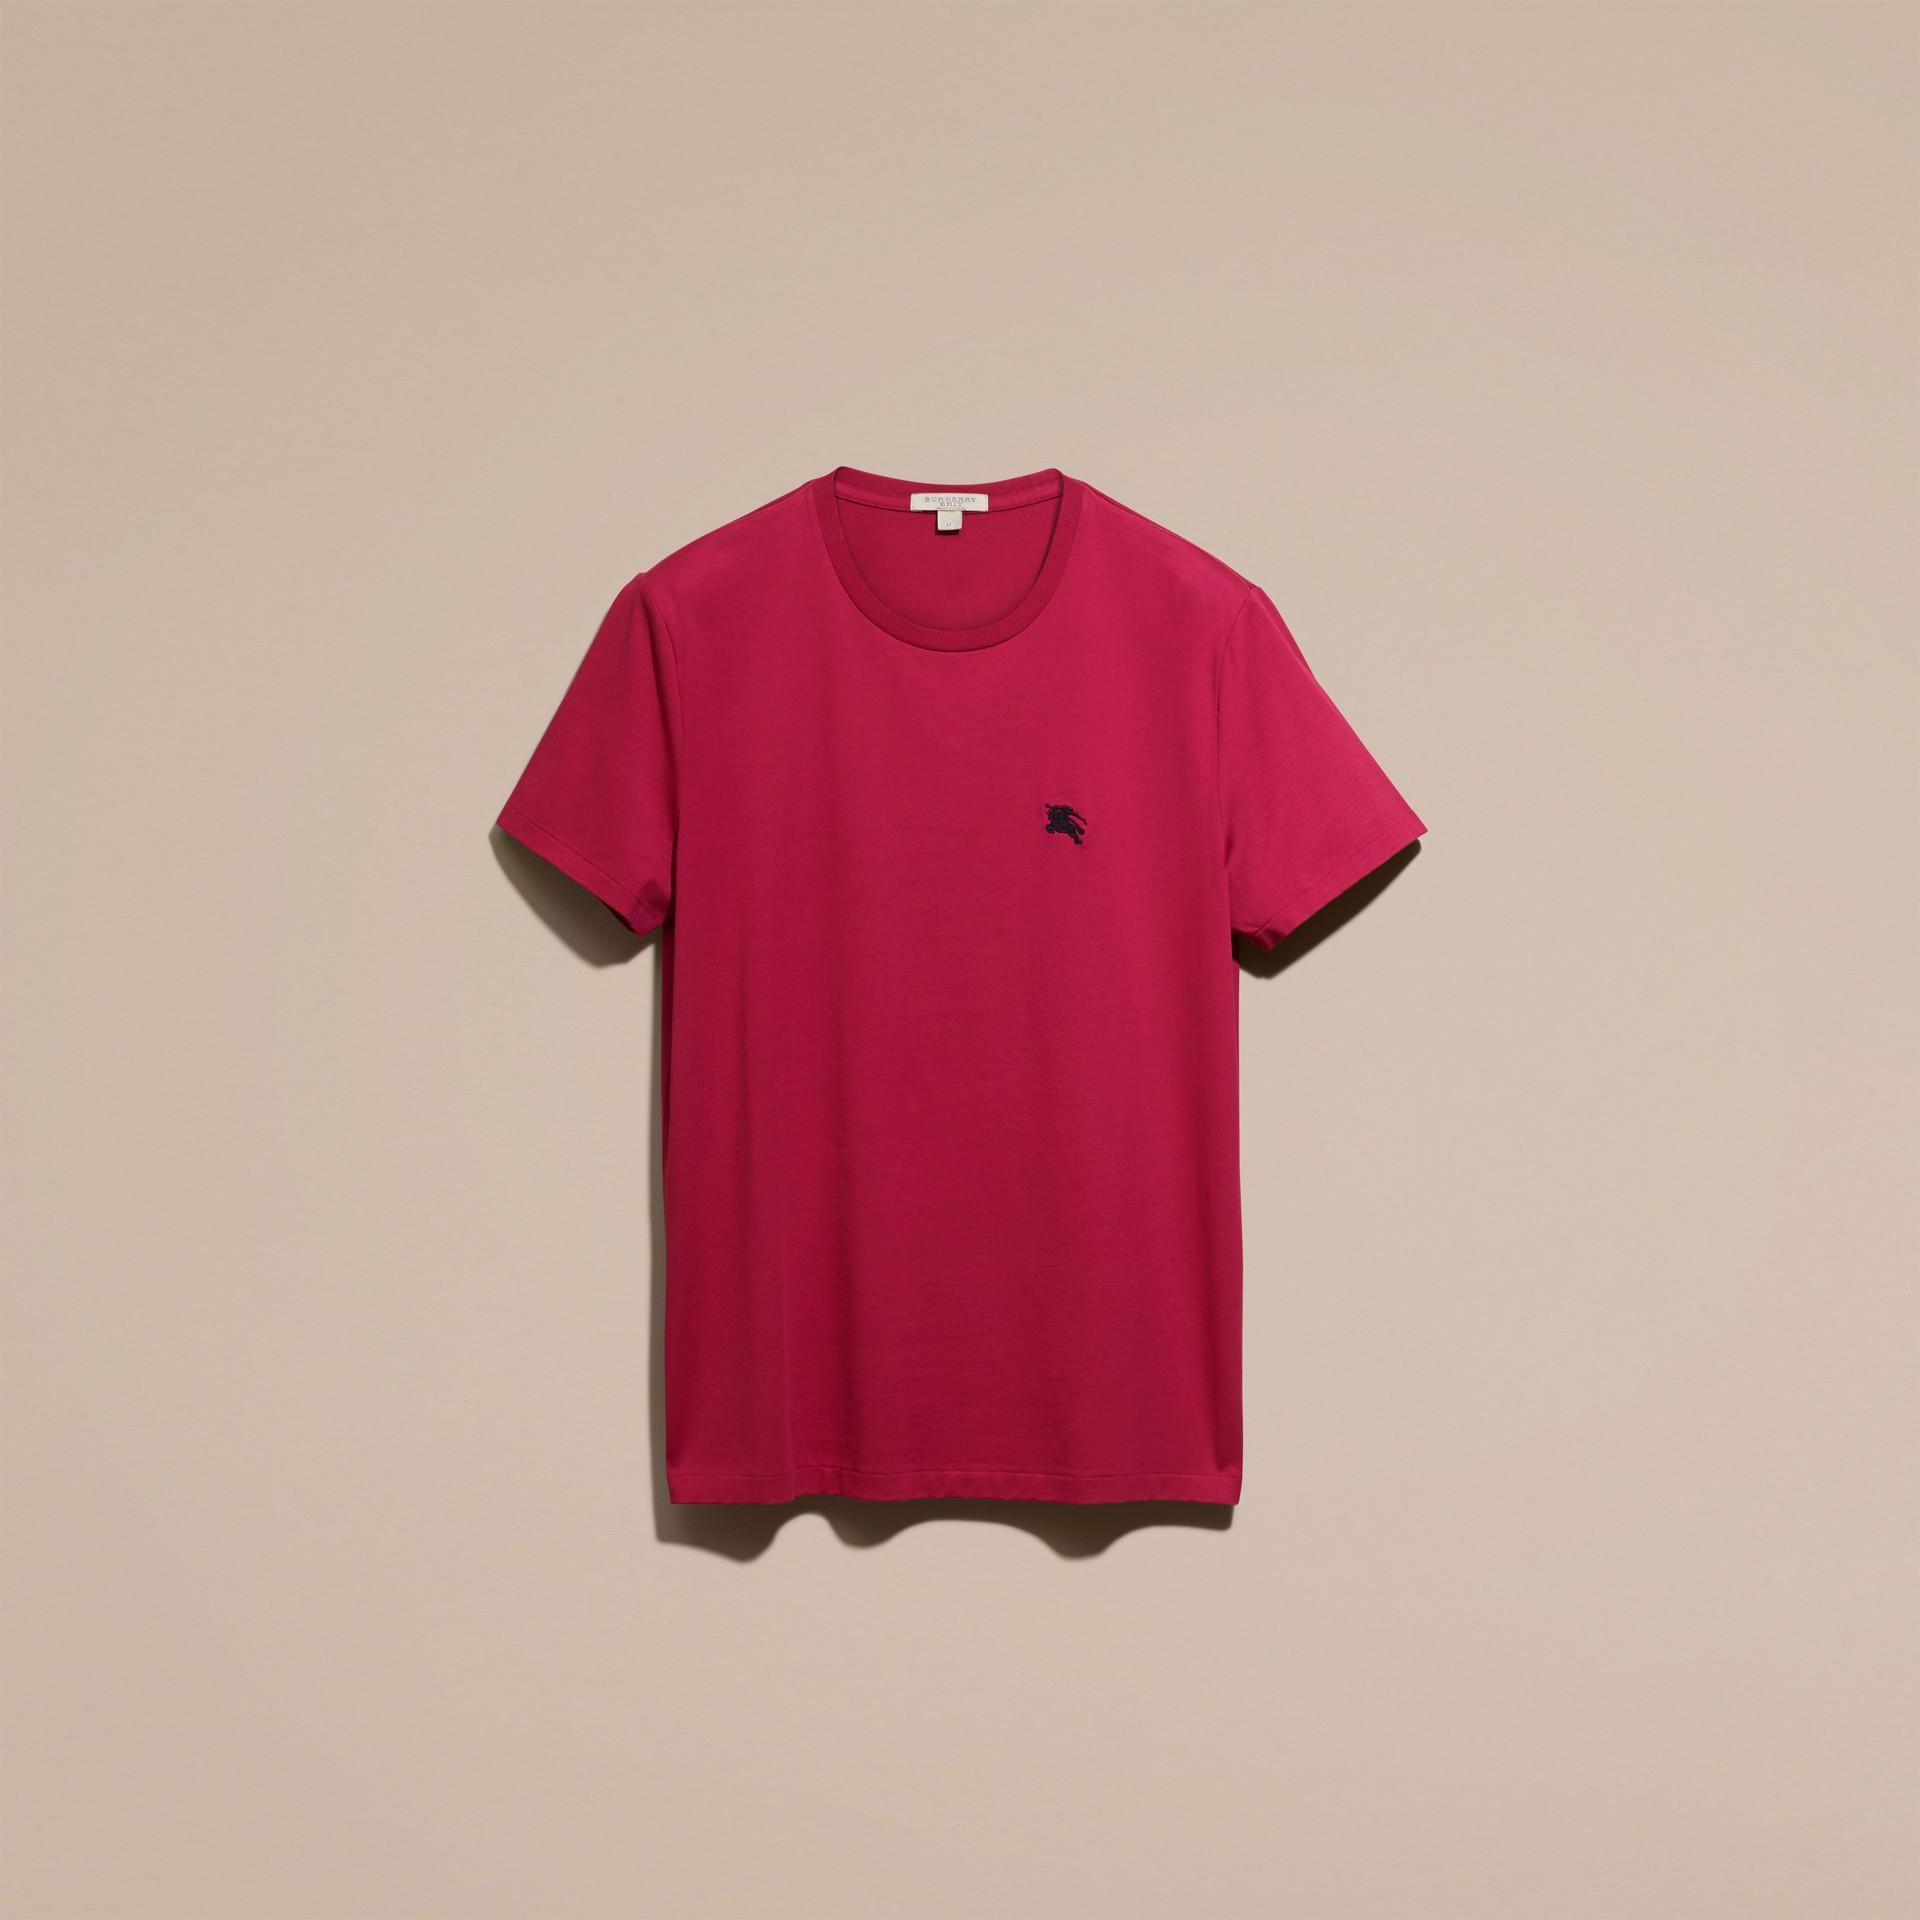 Fucsia acceso T-shirt in cotone morbidissimo Fucsia Acceso - immagine della galleria 4